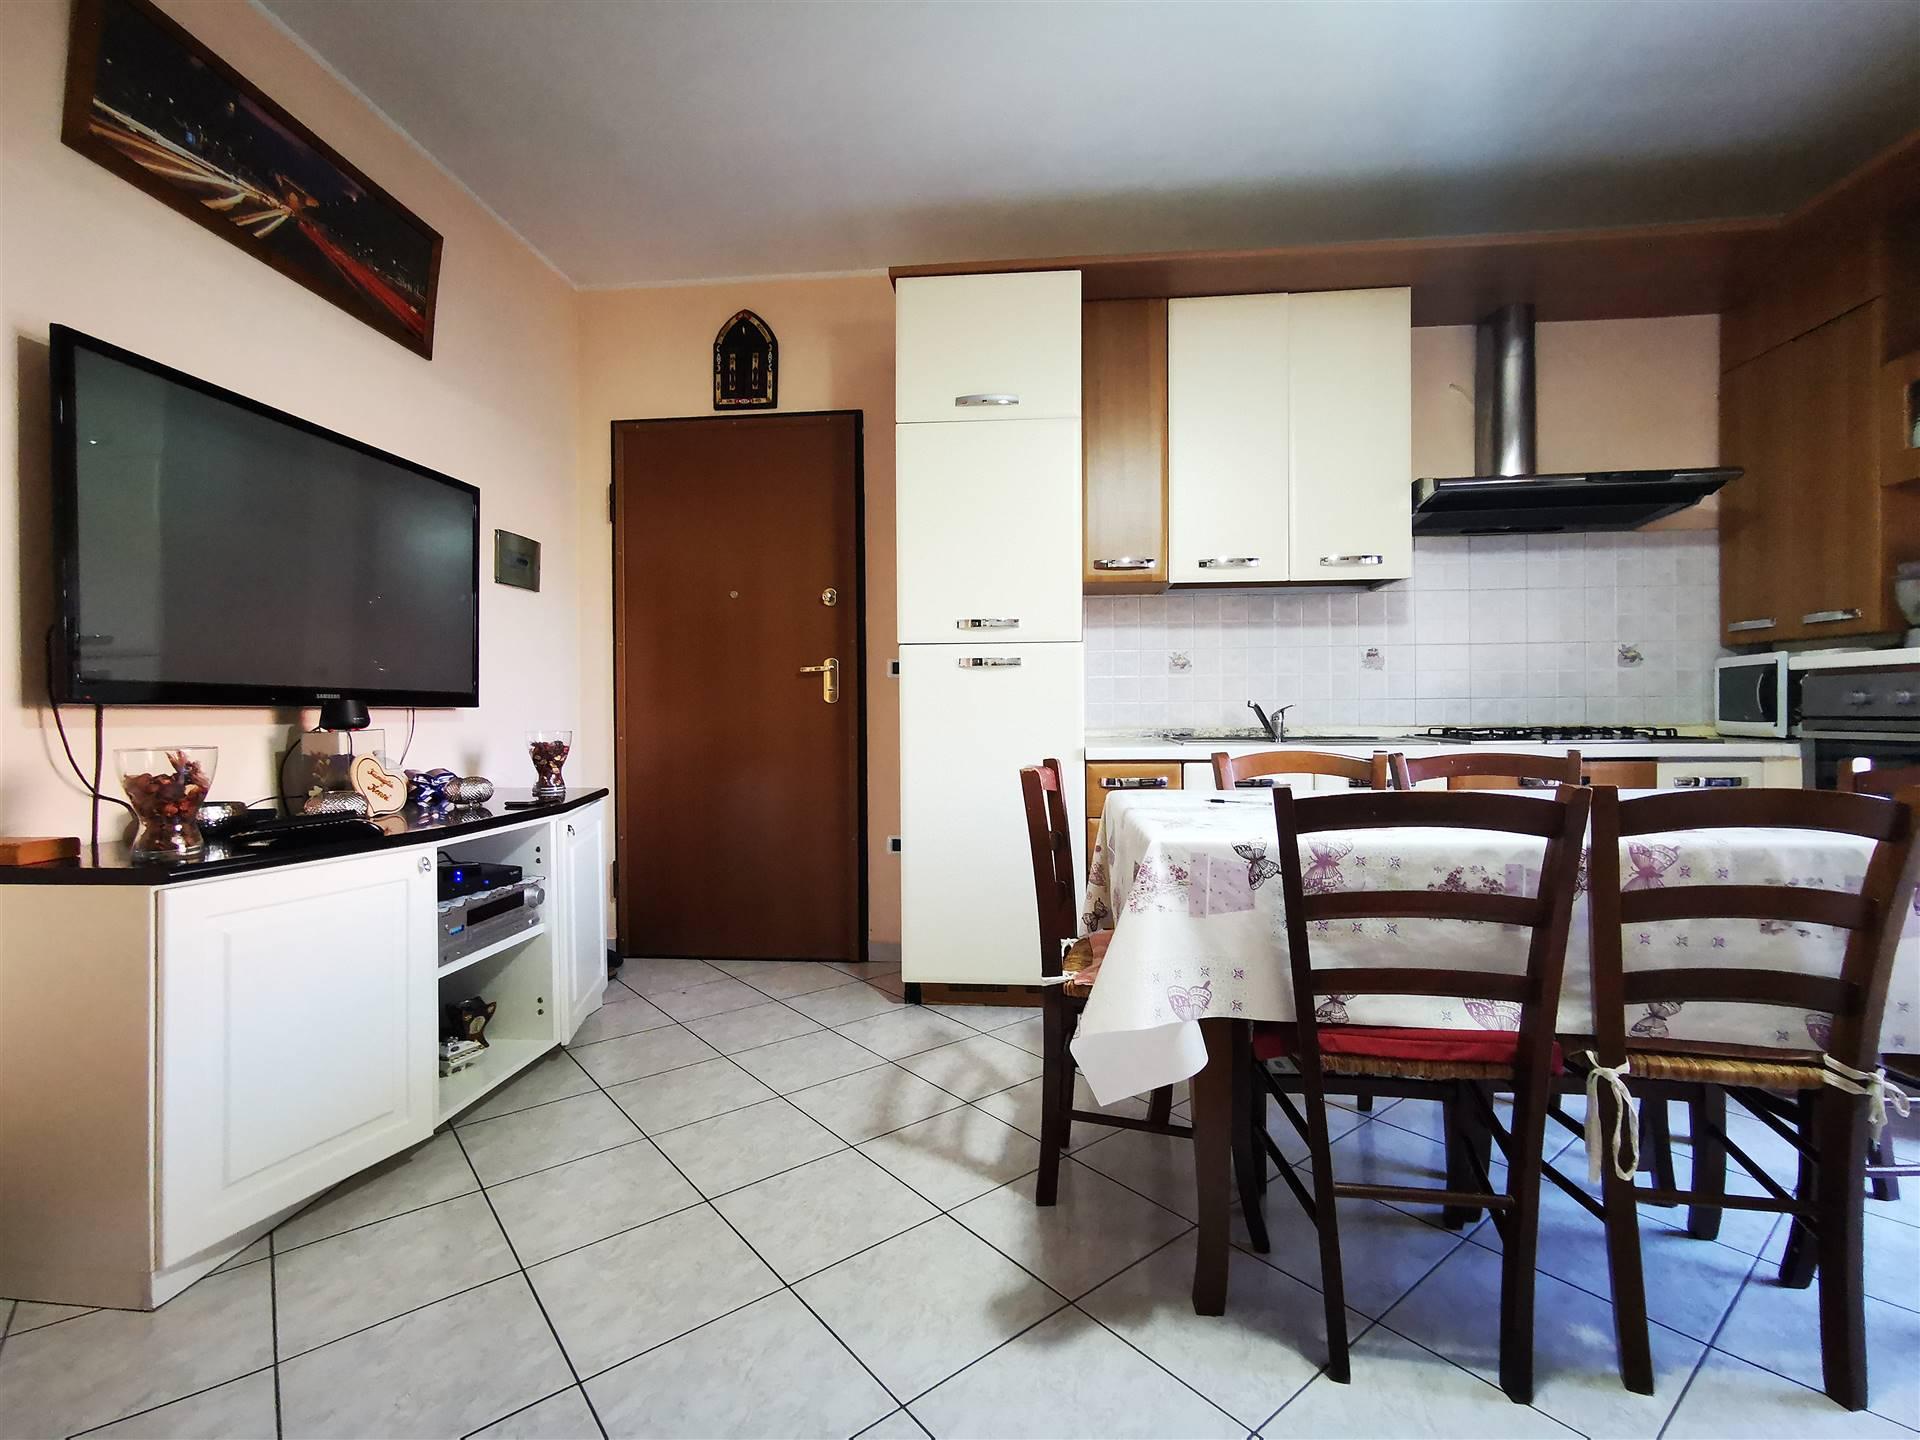 Appartamento in vendita a Viadana, 3 locali, prezzo € 67.000 | CambioCasa.it